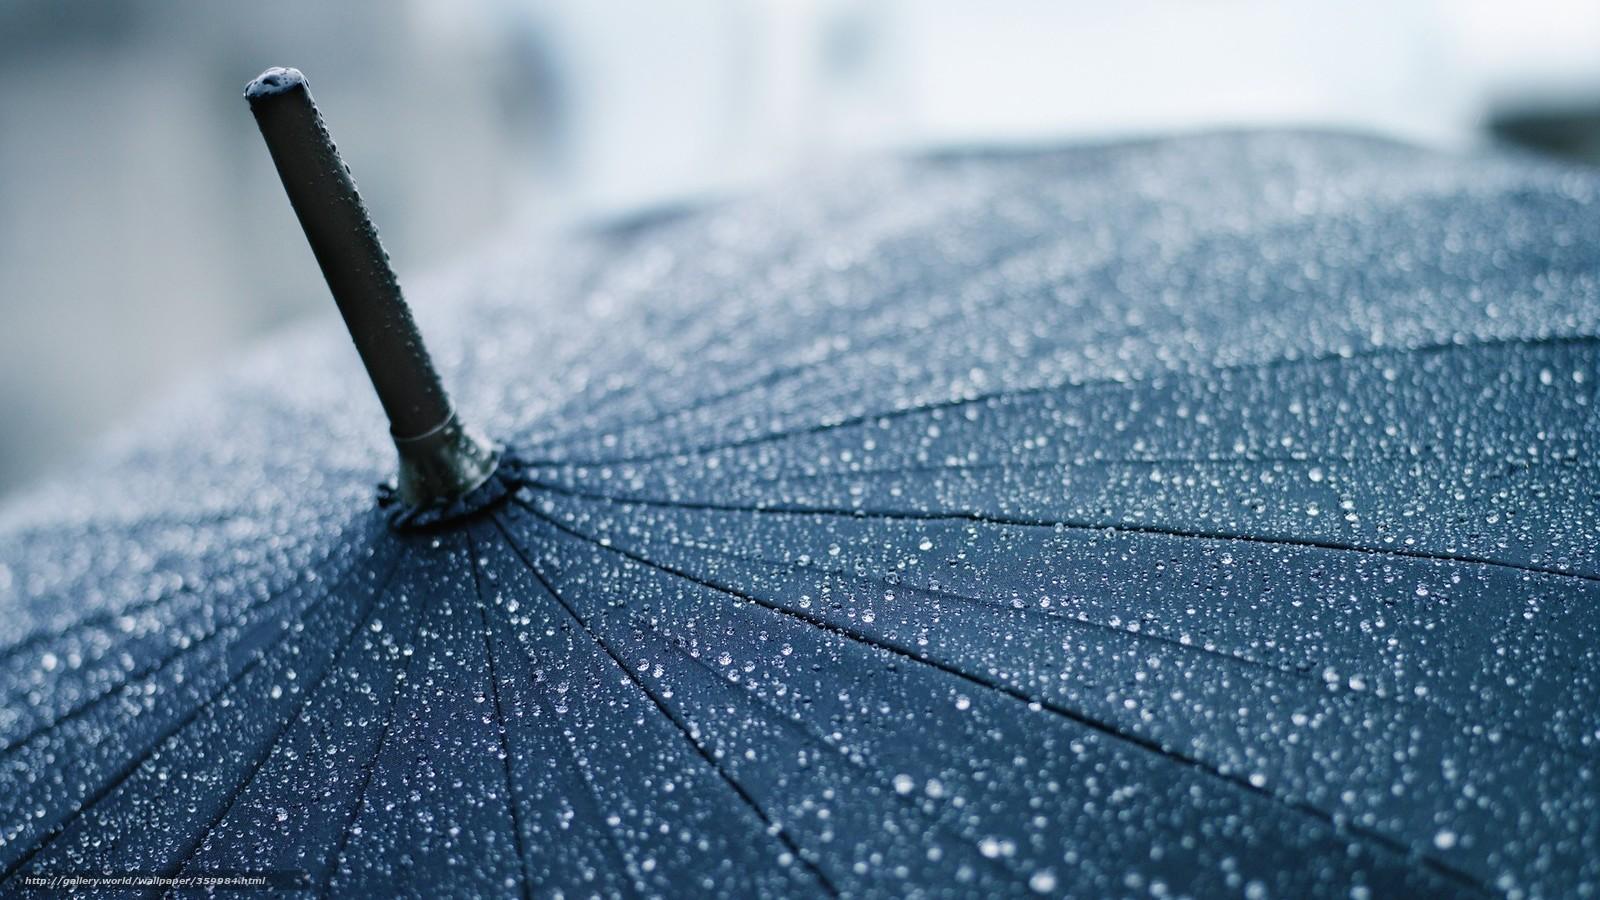 Скачать обои макро,  капли,  зонт,  зонтик бесплатно для рабочего стола в разрешении 1920x1080 — картинка №359984